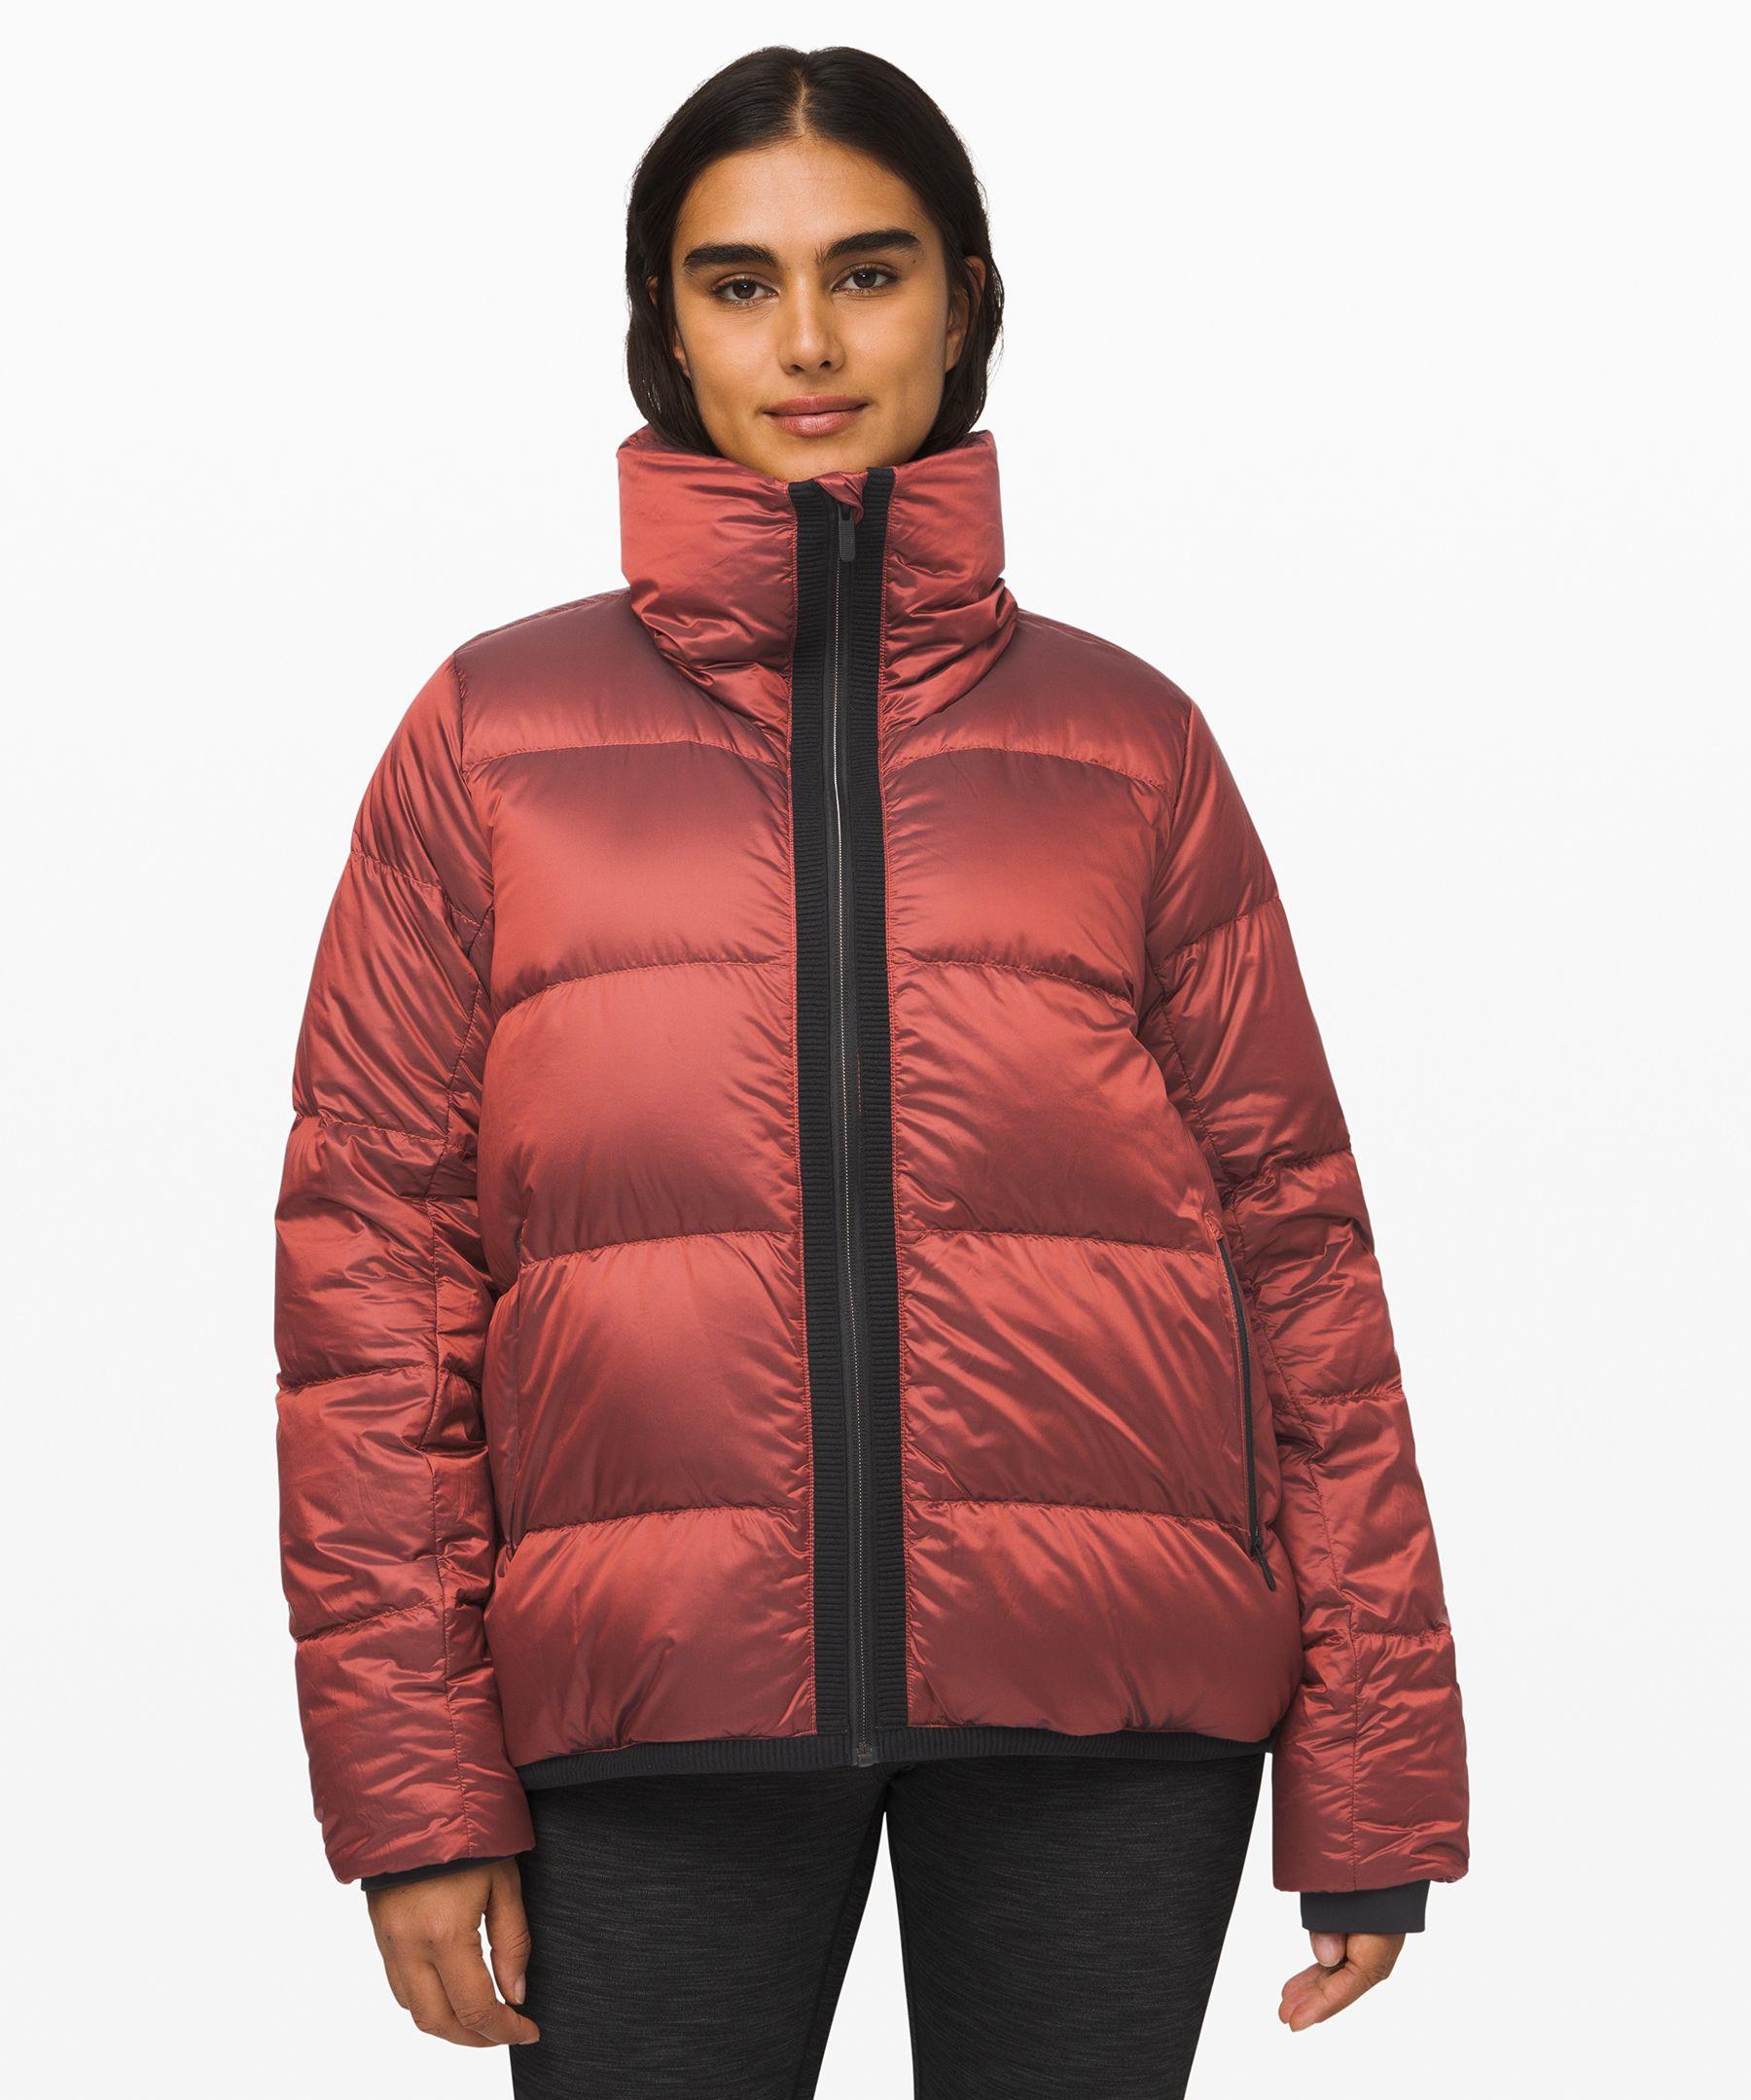 Lululemon Cloudscape Waterproof Jacket In Sunset Orange